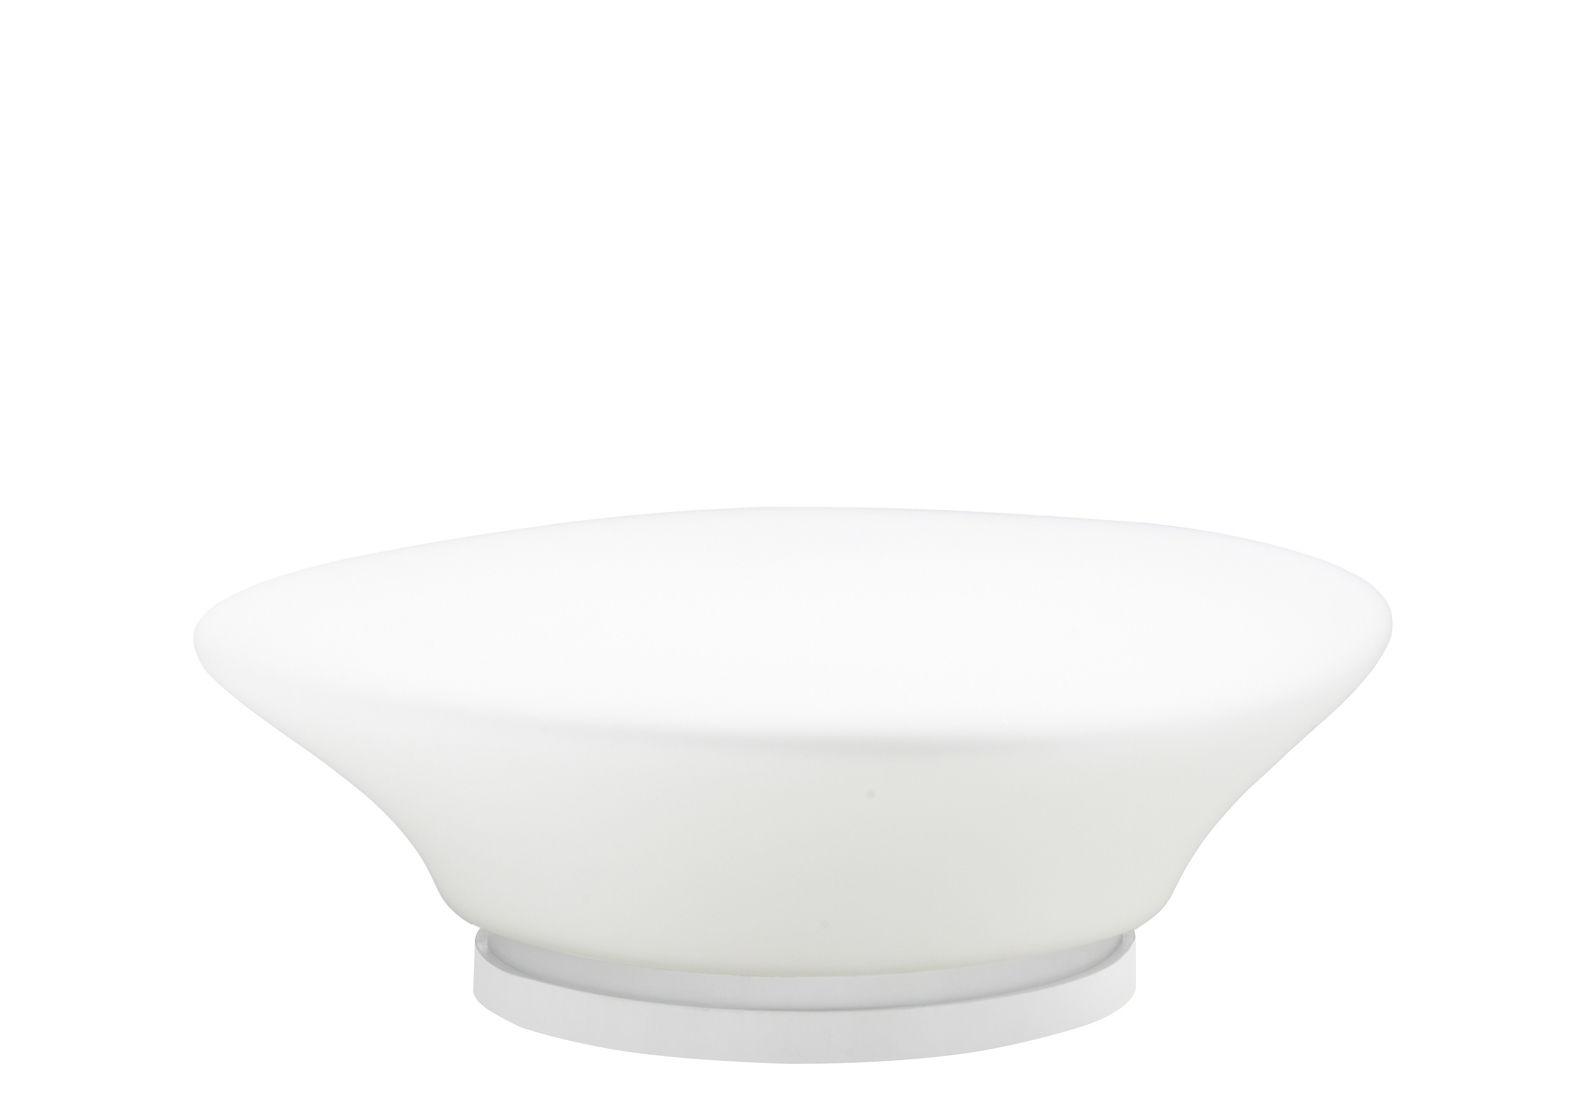 Luminaire - Lampes de table - Lampe de table Mycena Ø 38 cm - Fabbian - Blanc - Ø 38 cm - Verre